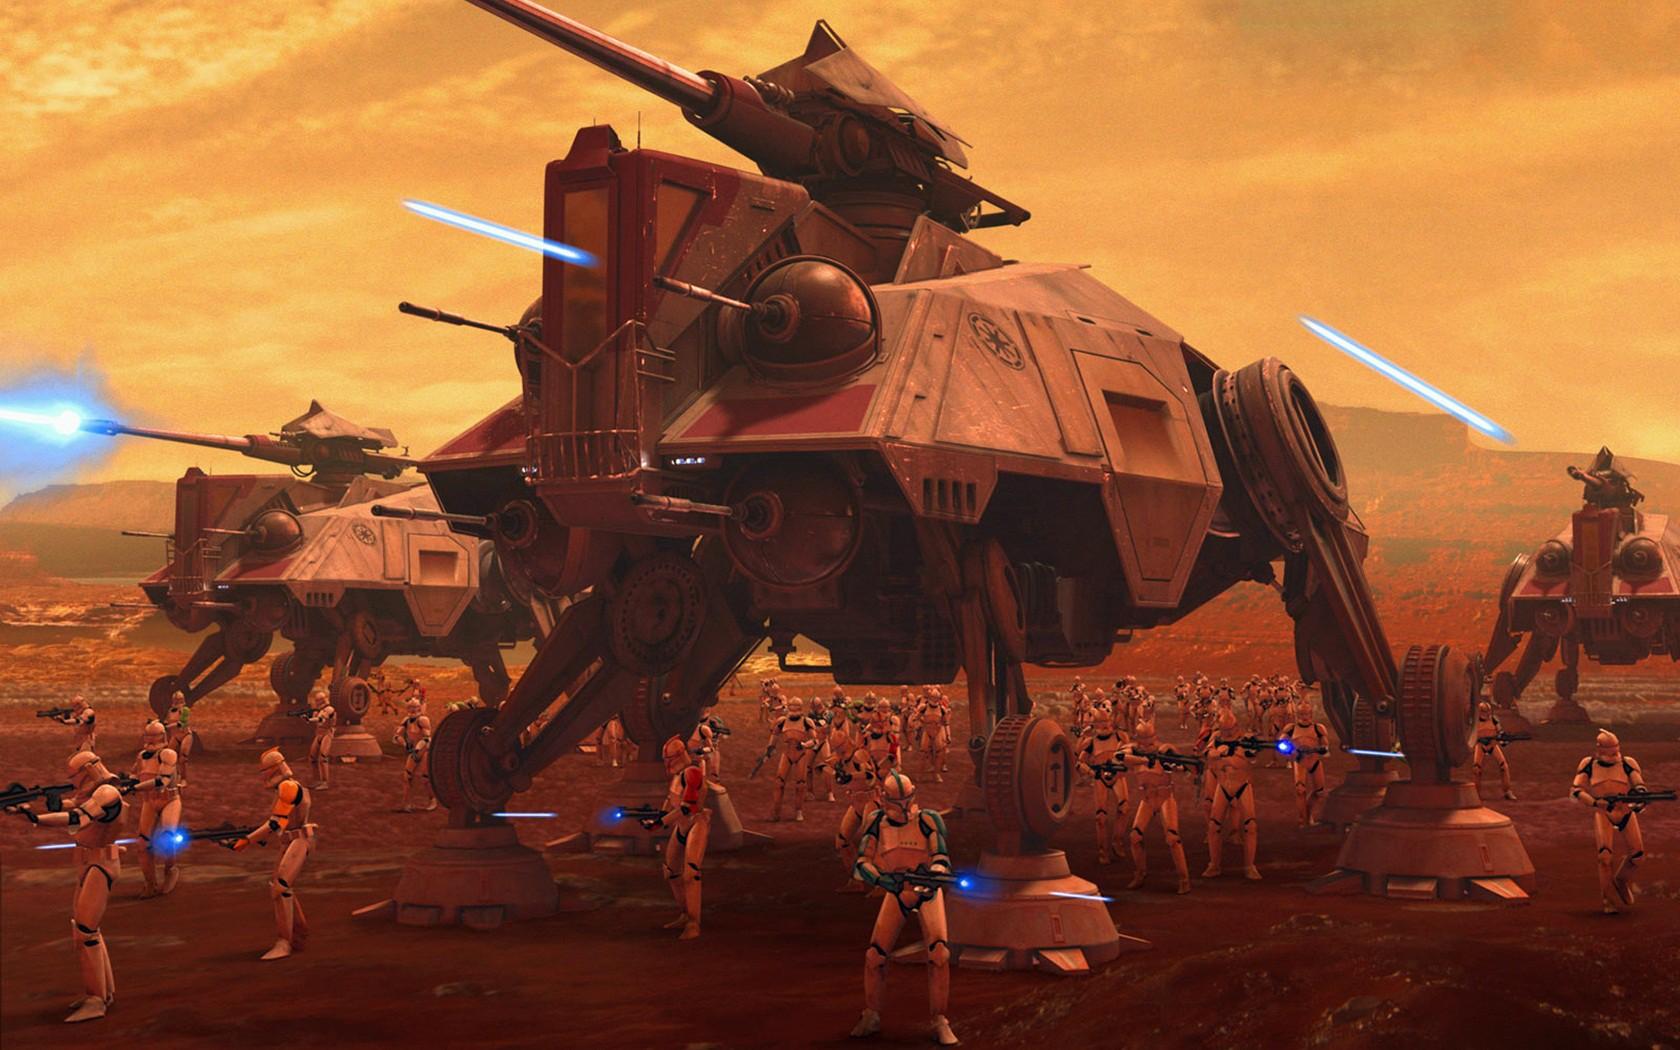 Movies Star wars The Clone wars wallpaper 1680x1050 1680x1050